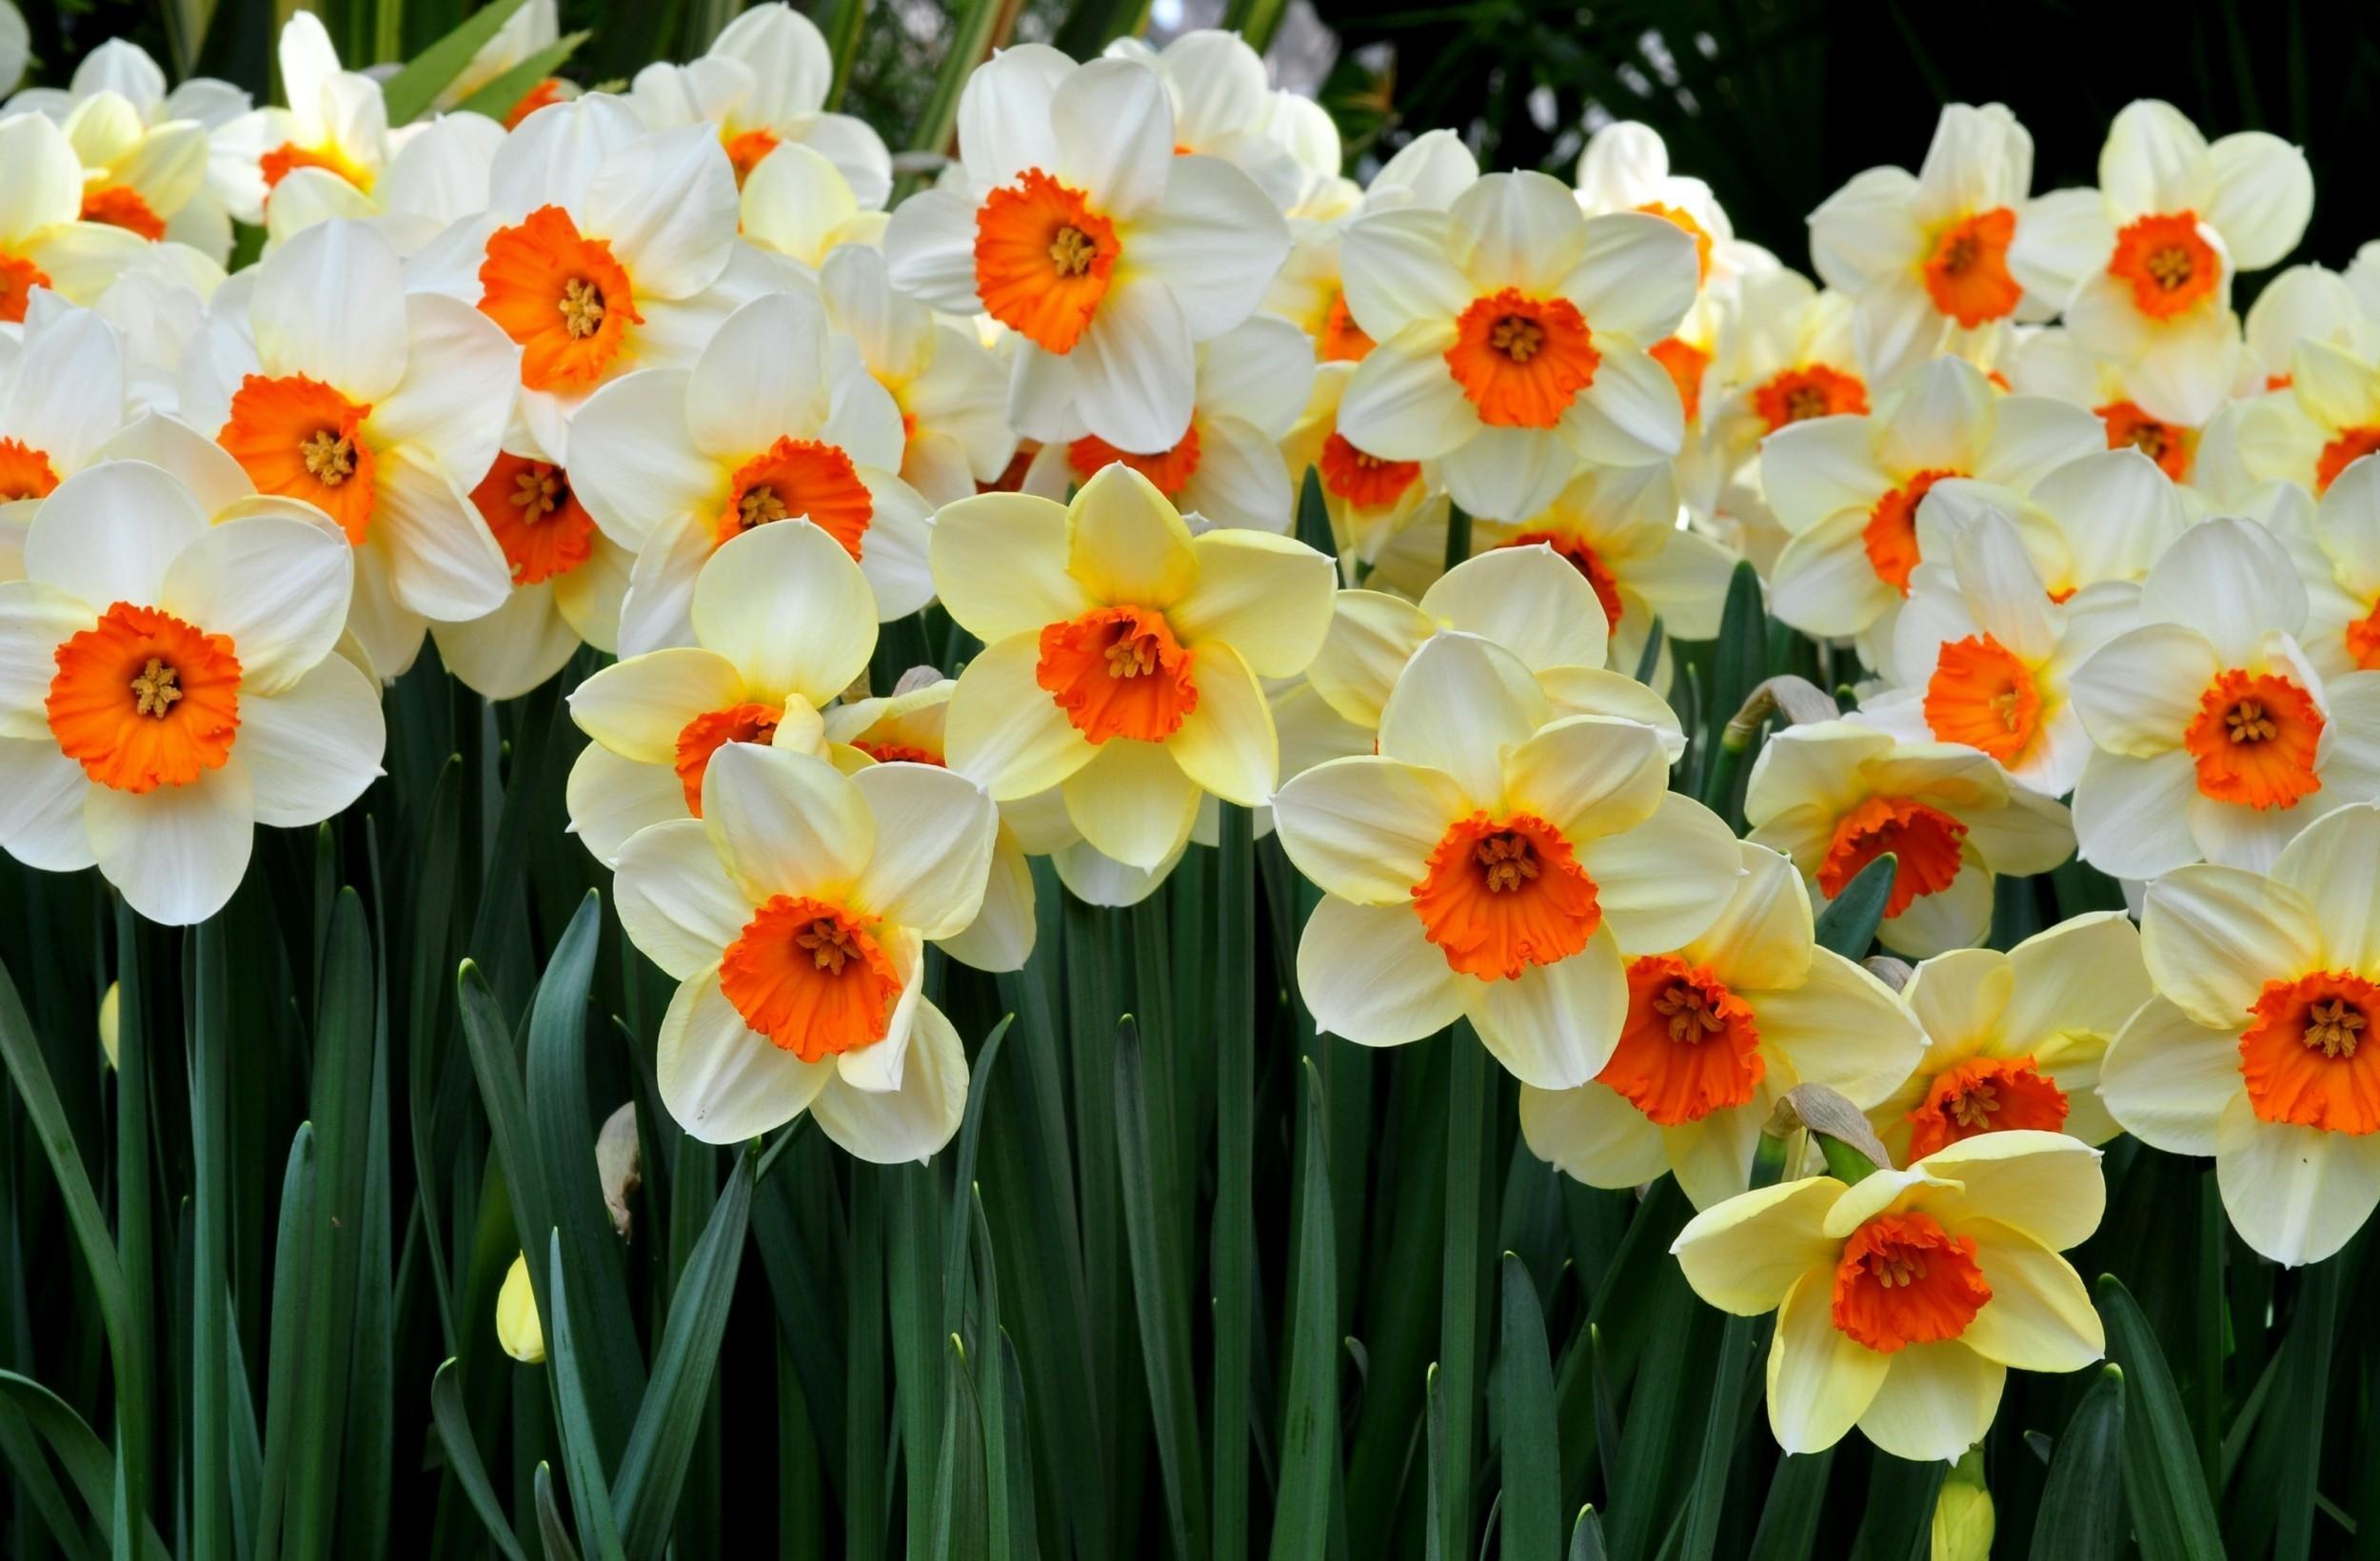 118693 Заставки и Обои Нарциссы на телефон. Скачать Цветы, Нарциссы, Клумба, Весна, Настроение картинки бесплатно